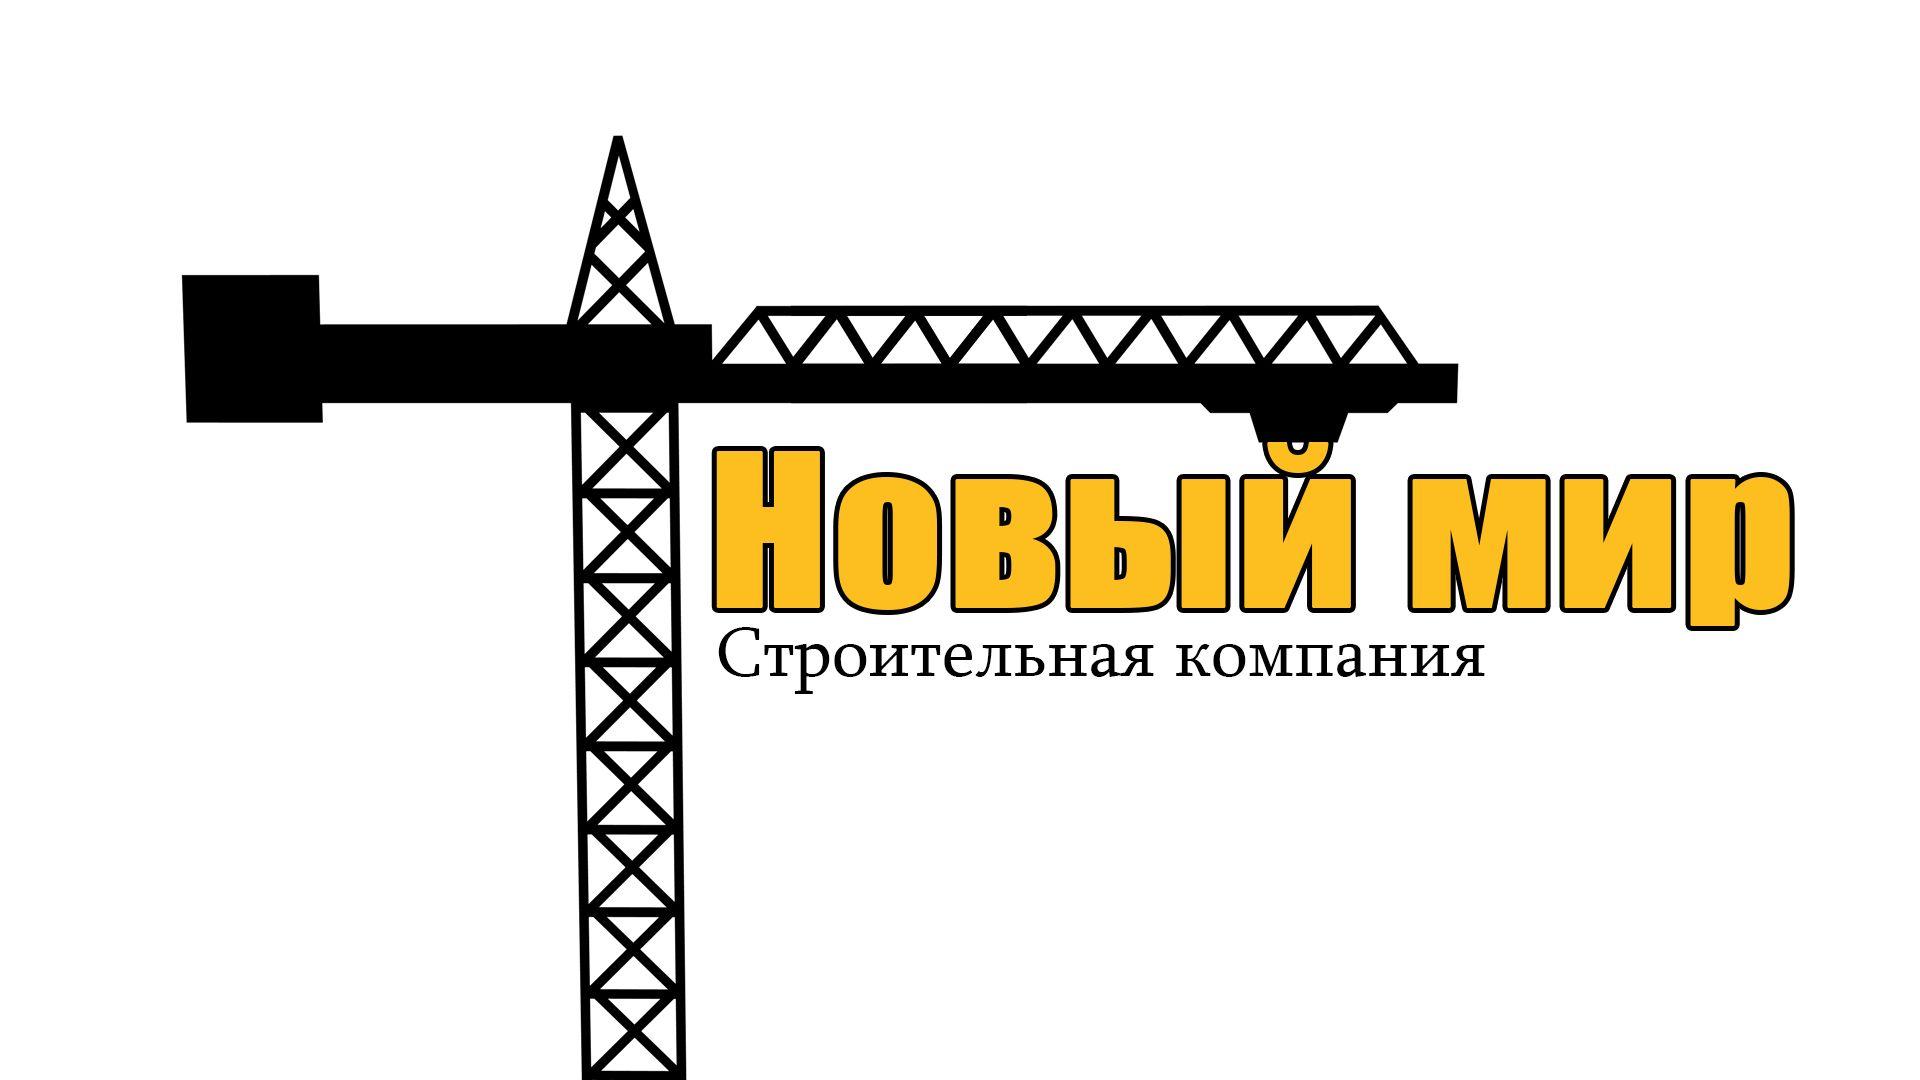 Логотип для строительной компании - дизайнер RayGamesThe